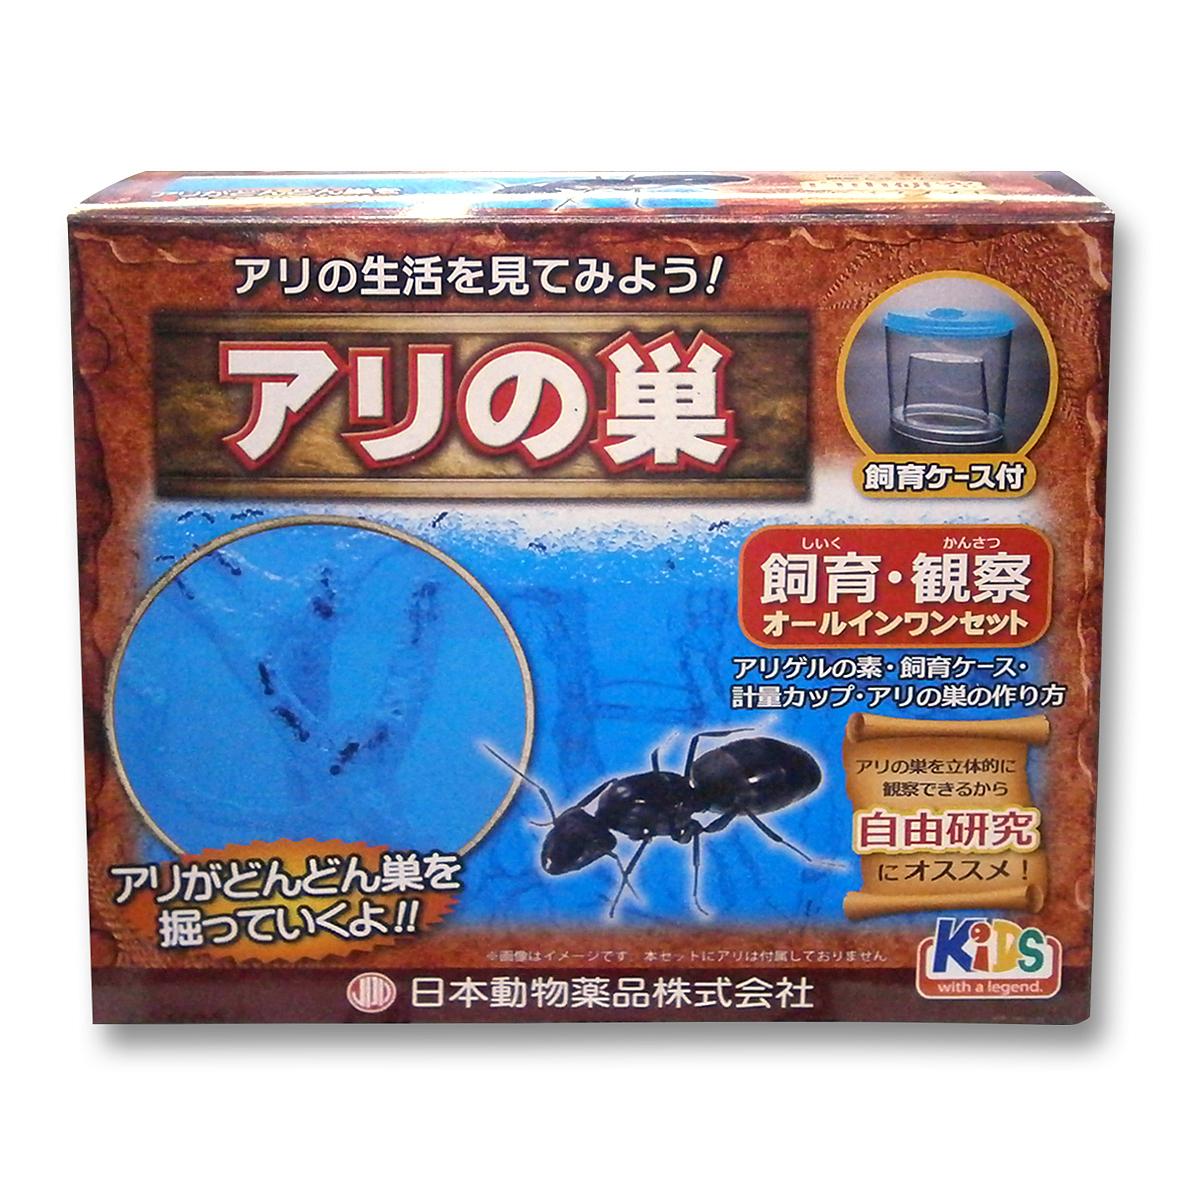 アリ飼育入門キット アリの巣